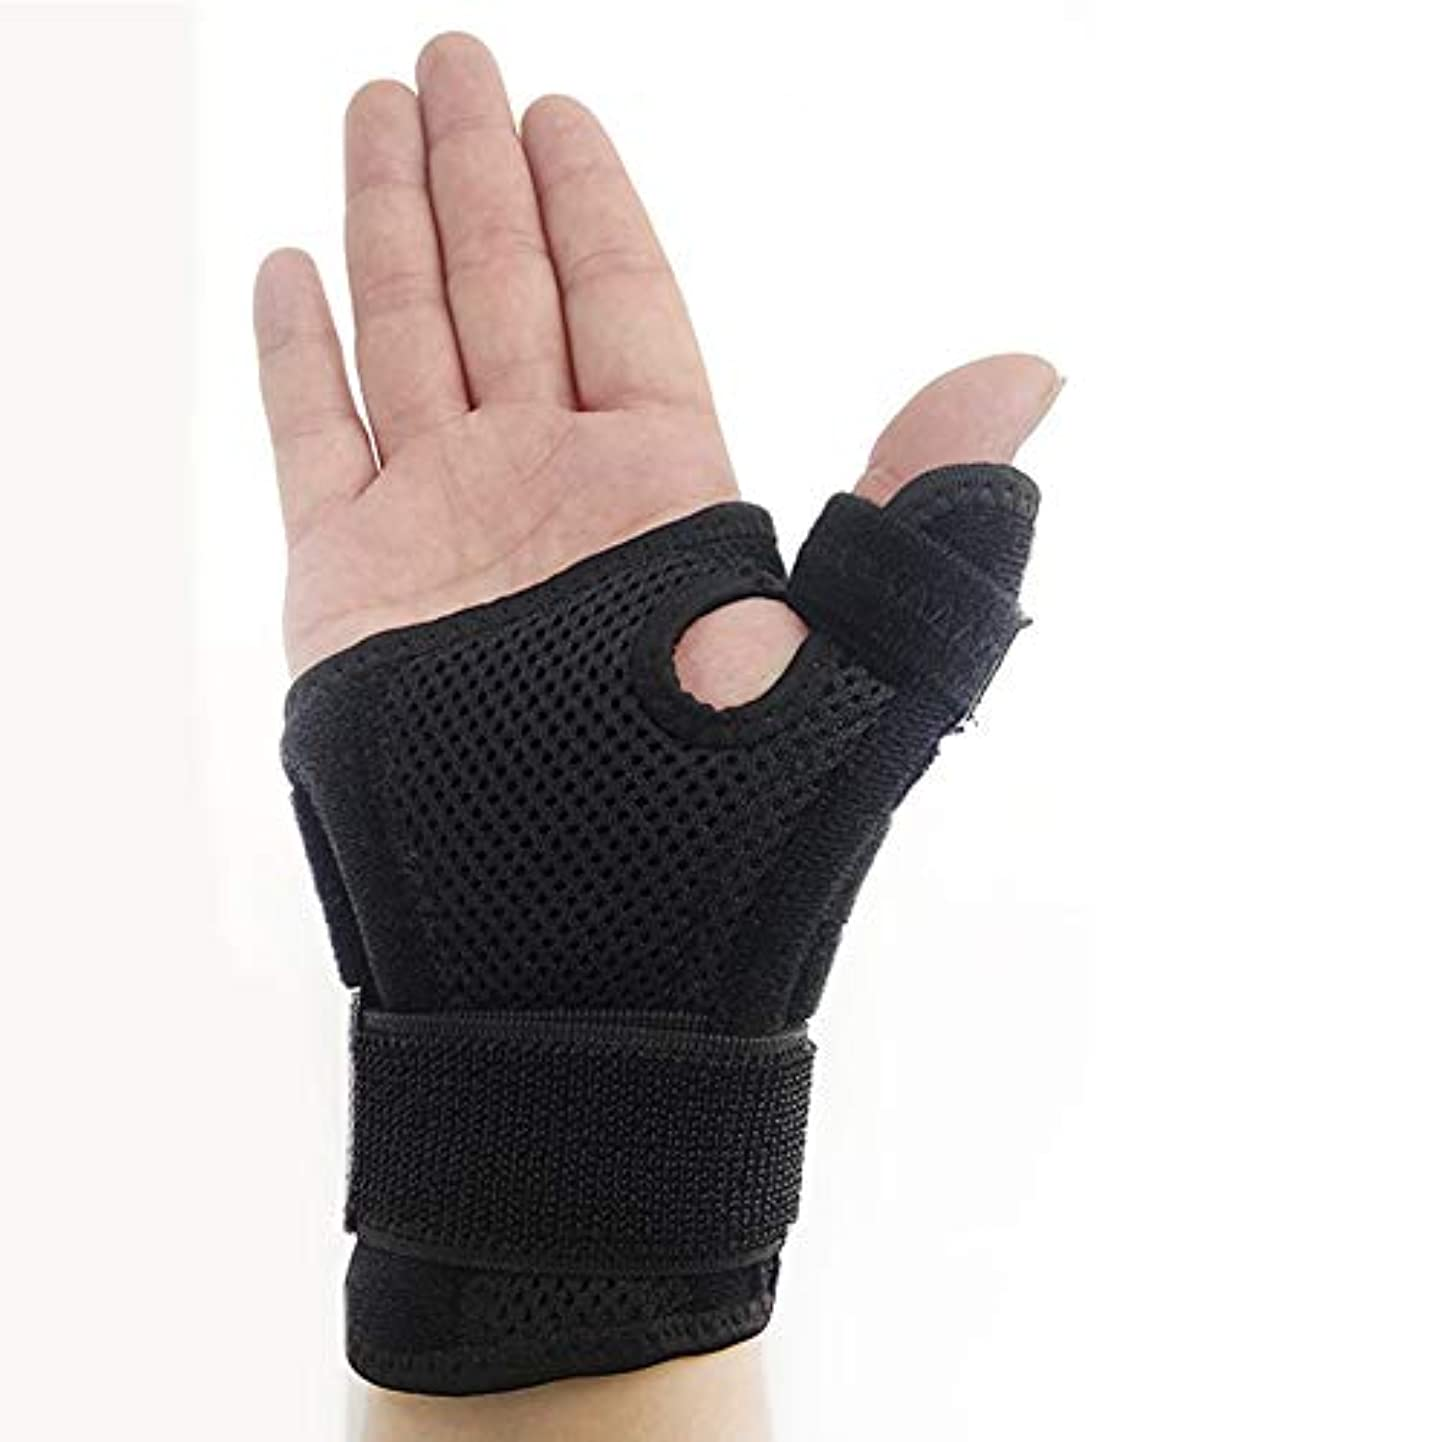 暫定の応援する休眠右と左の手黒のヘルスケアのための親指の保護ブレースサポートスプリントの親指の共同捻挫ガード